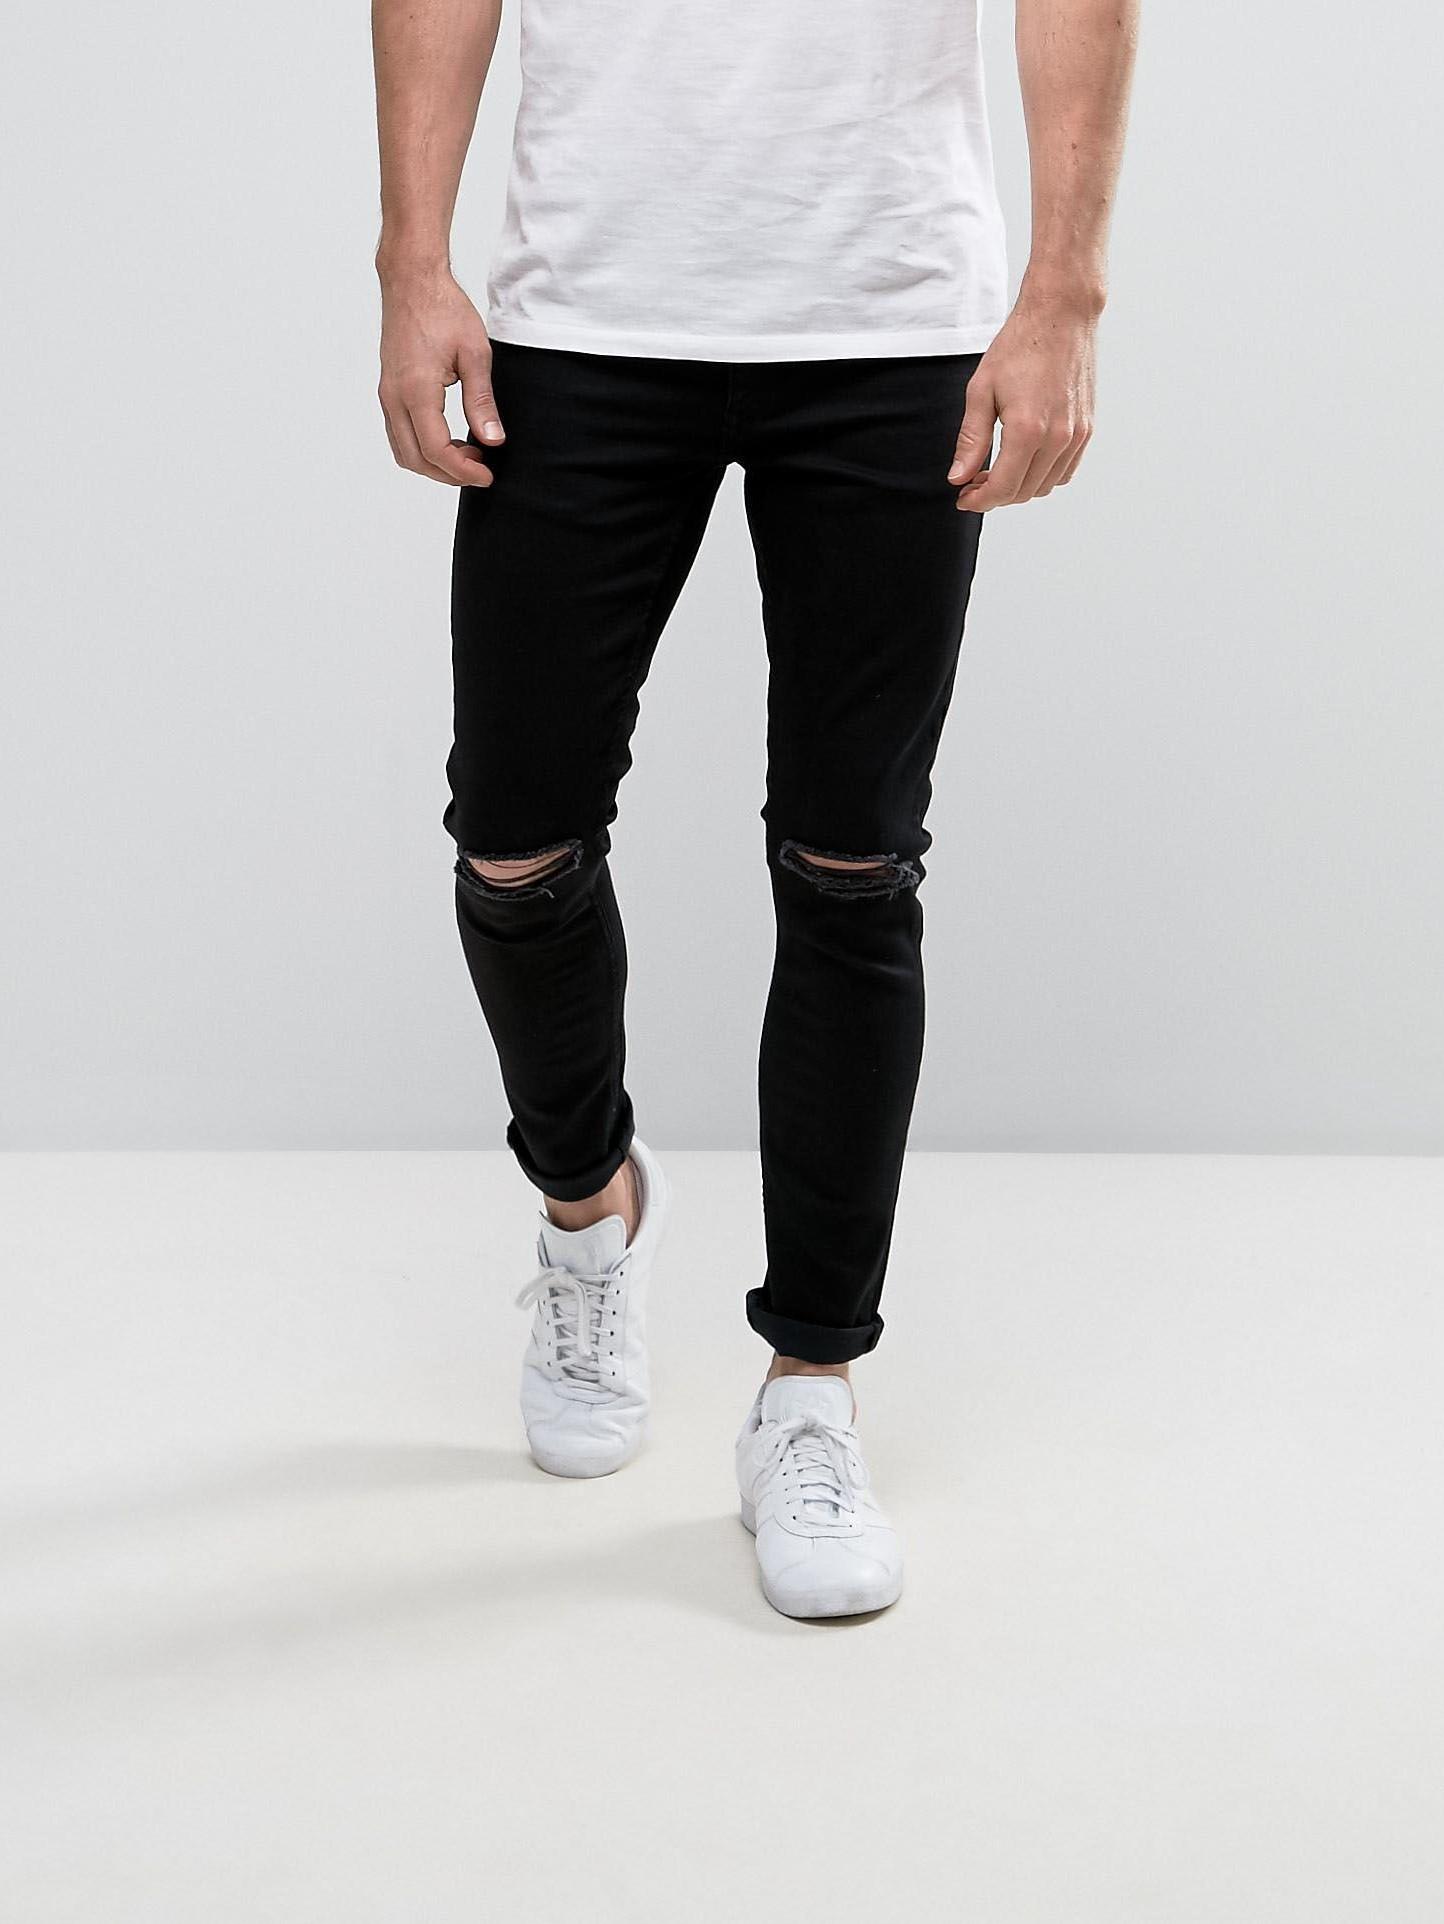 Черные джинсы супер скинни с разрезами на коленях Your Turn Черный Free Style